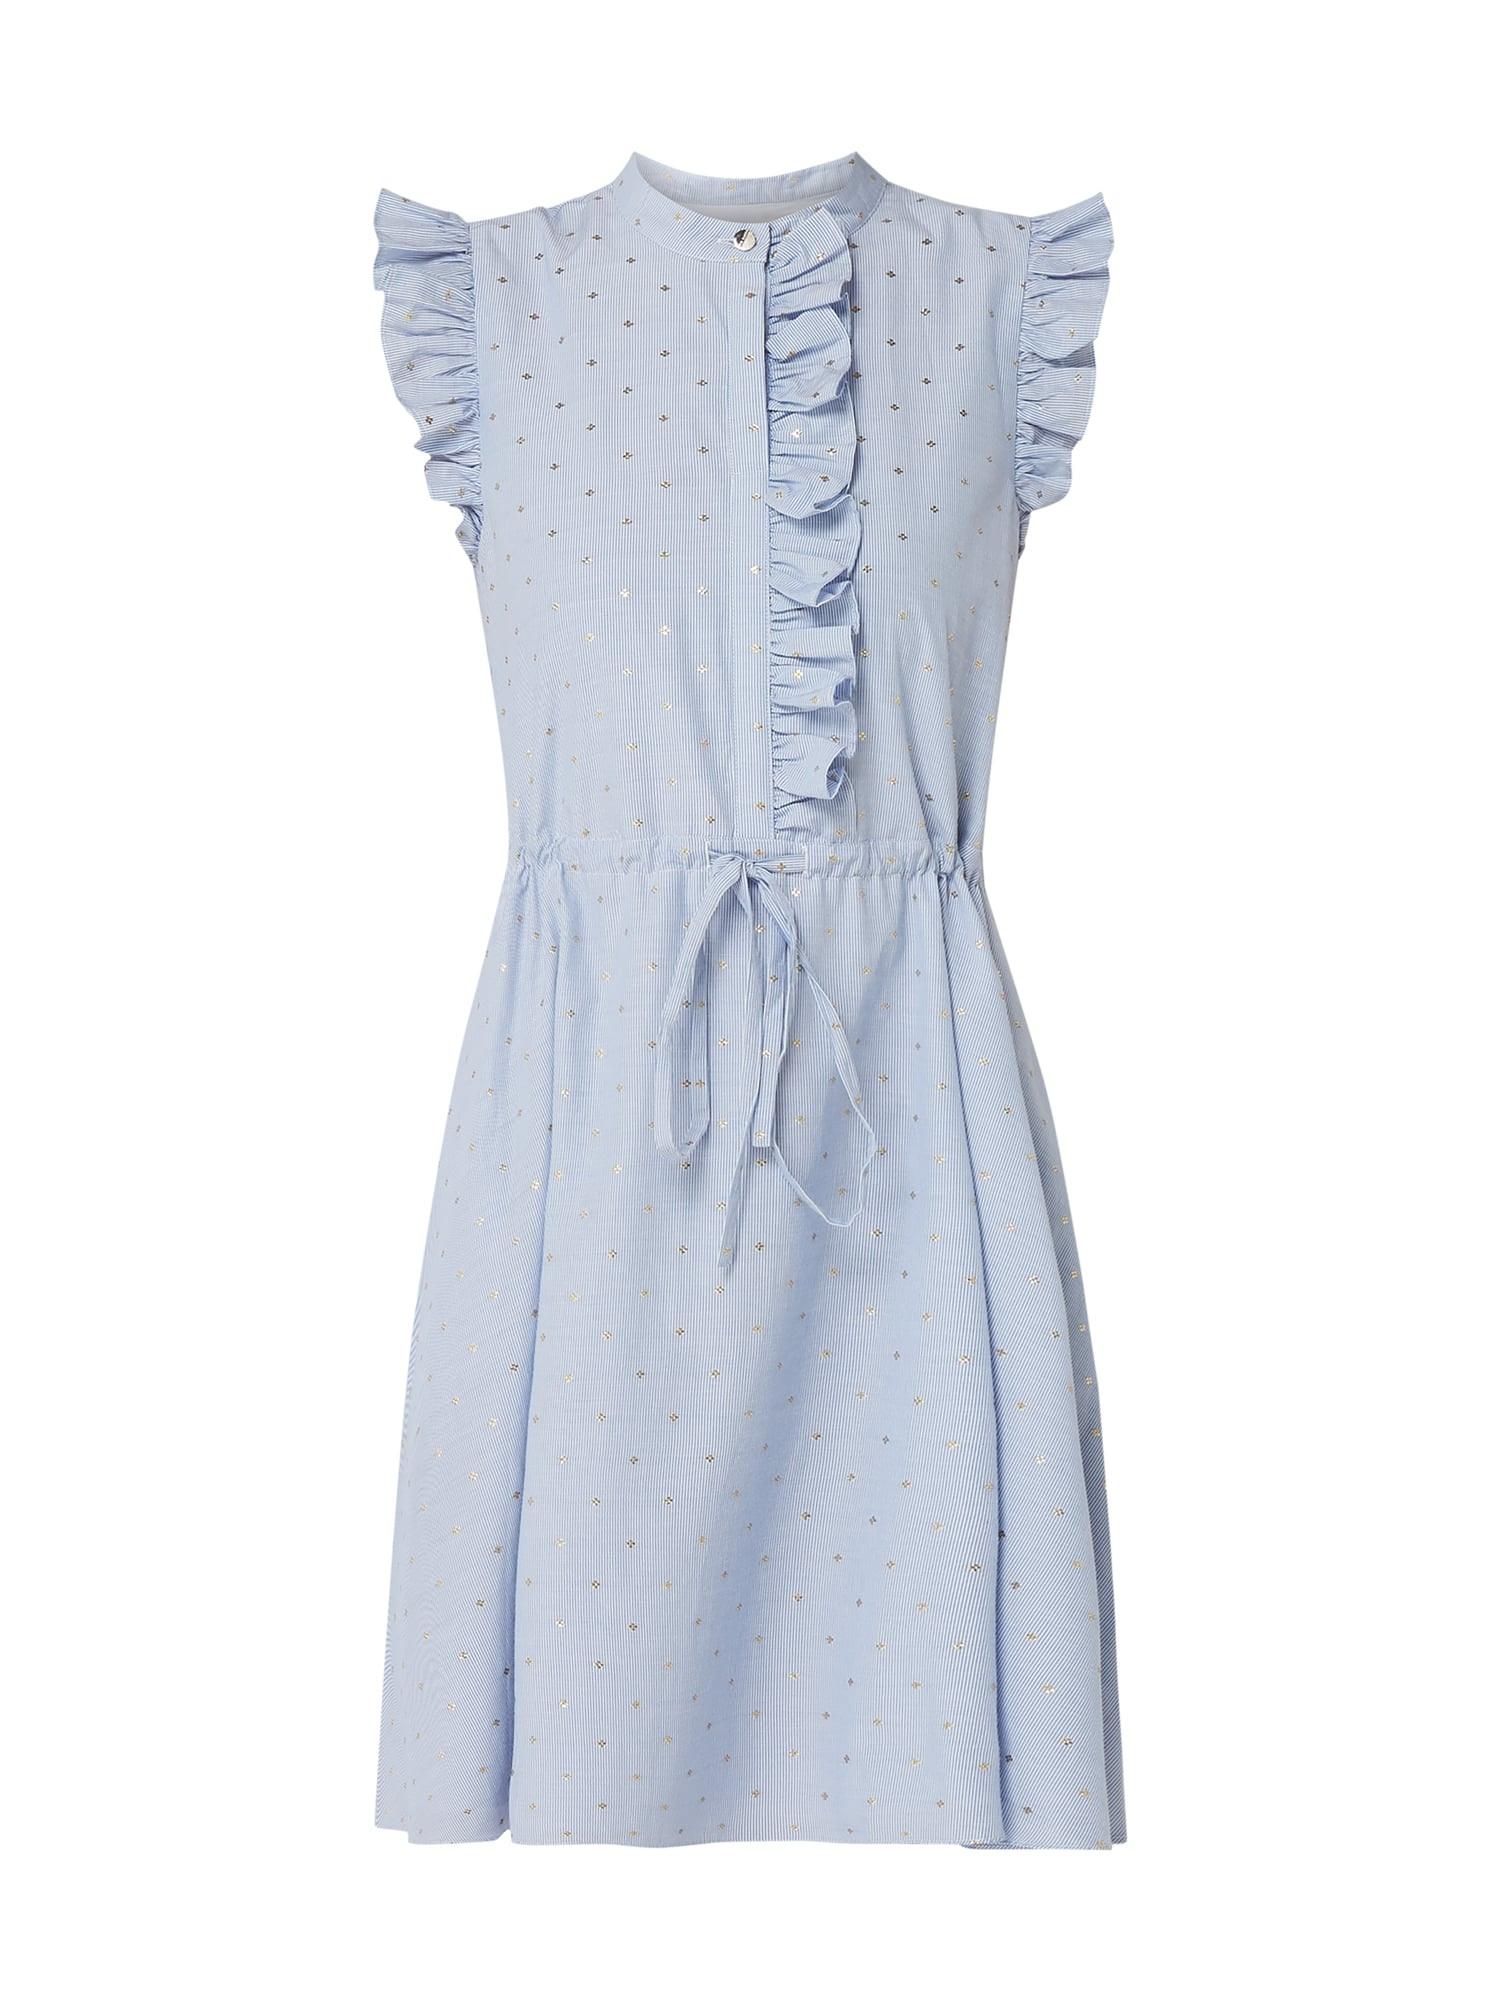 Ted Baker Kleid Mit Rüschenbesatz In Blau / Türkis Online